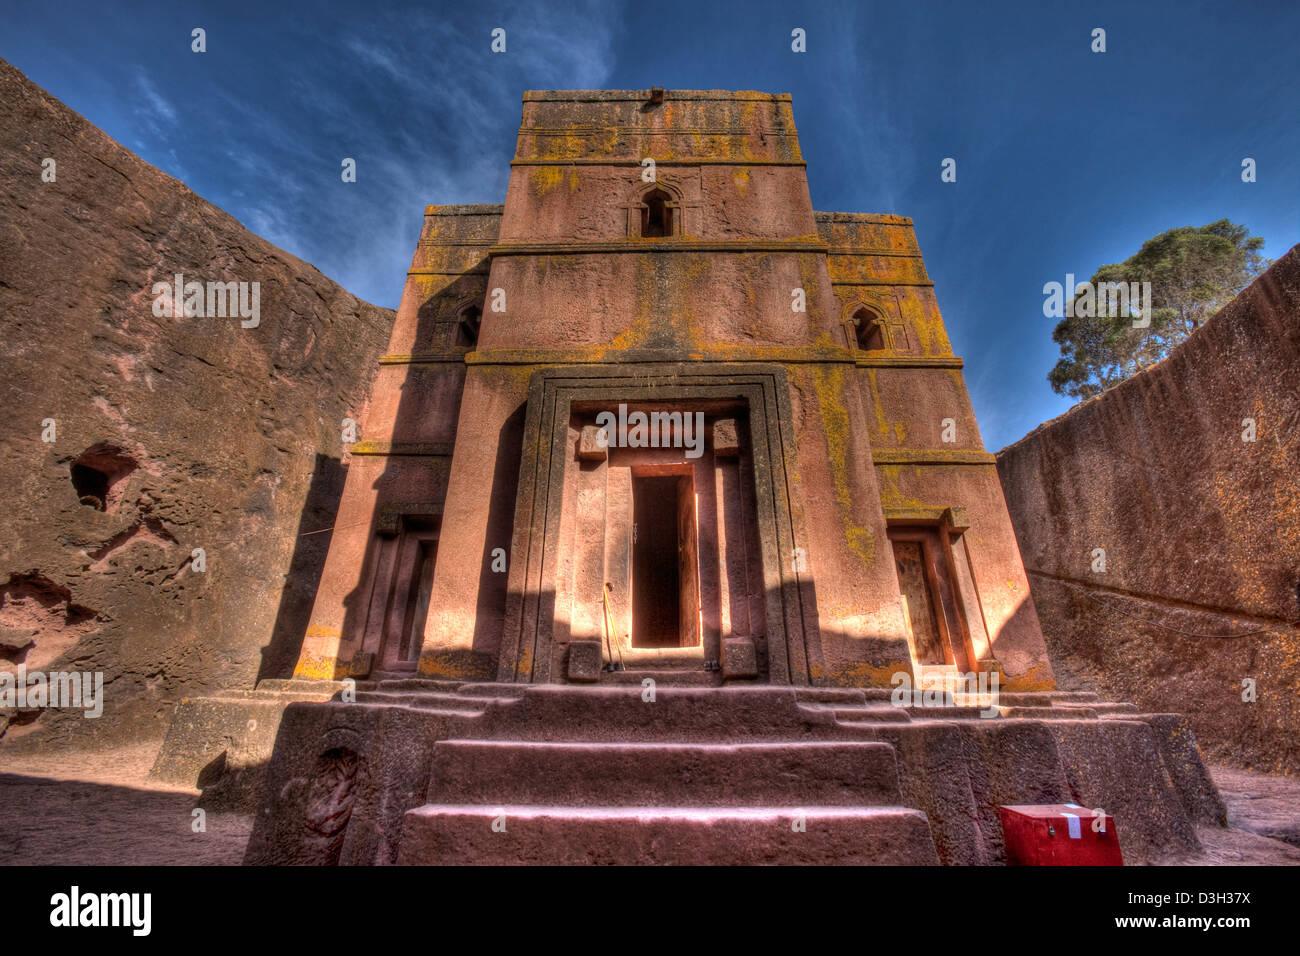 Bet Giyorgis Church, Lalibela, Ethiopia - Stock Image